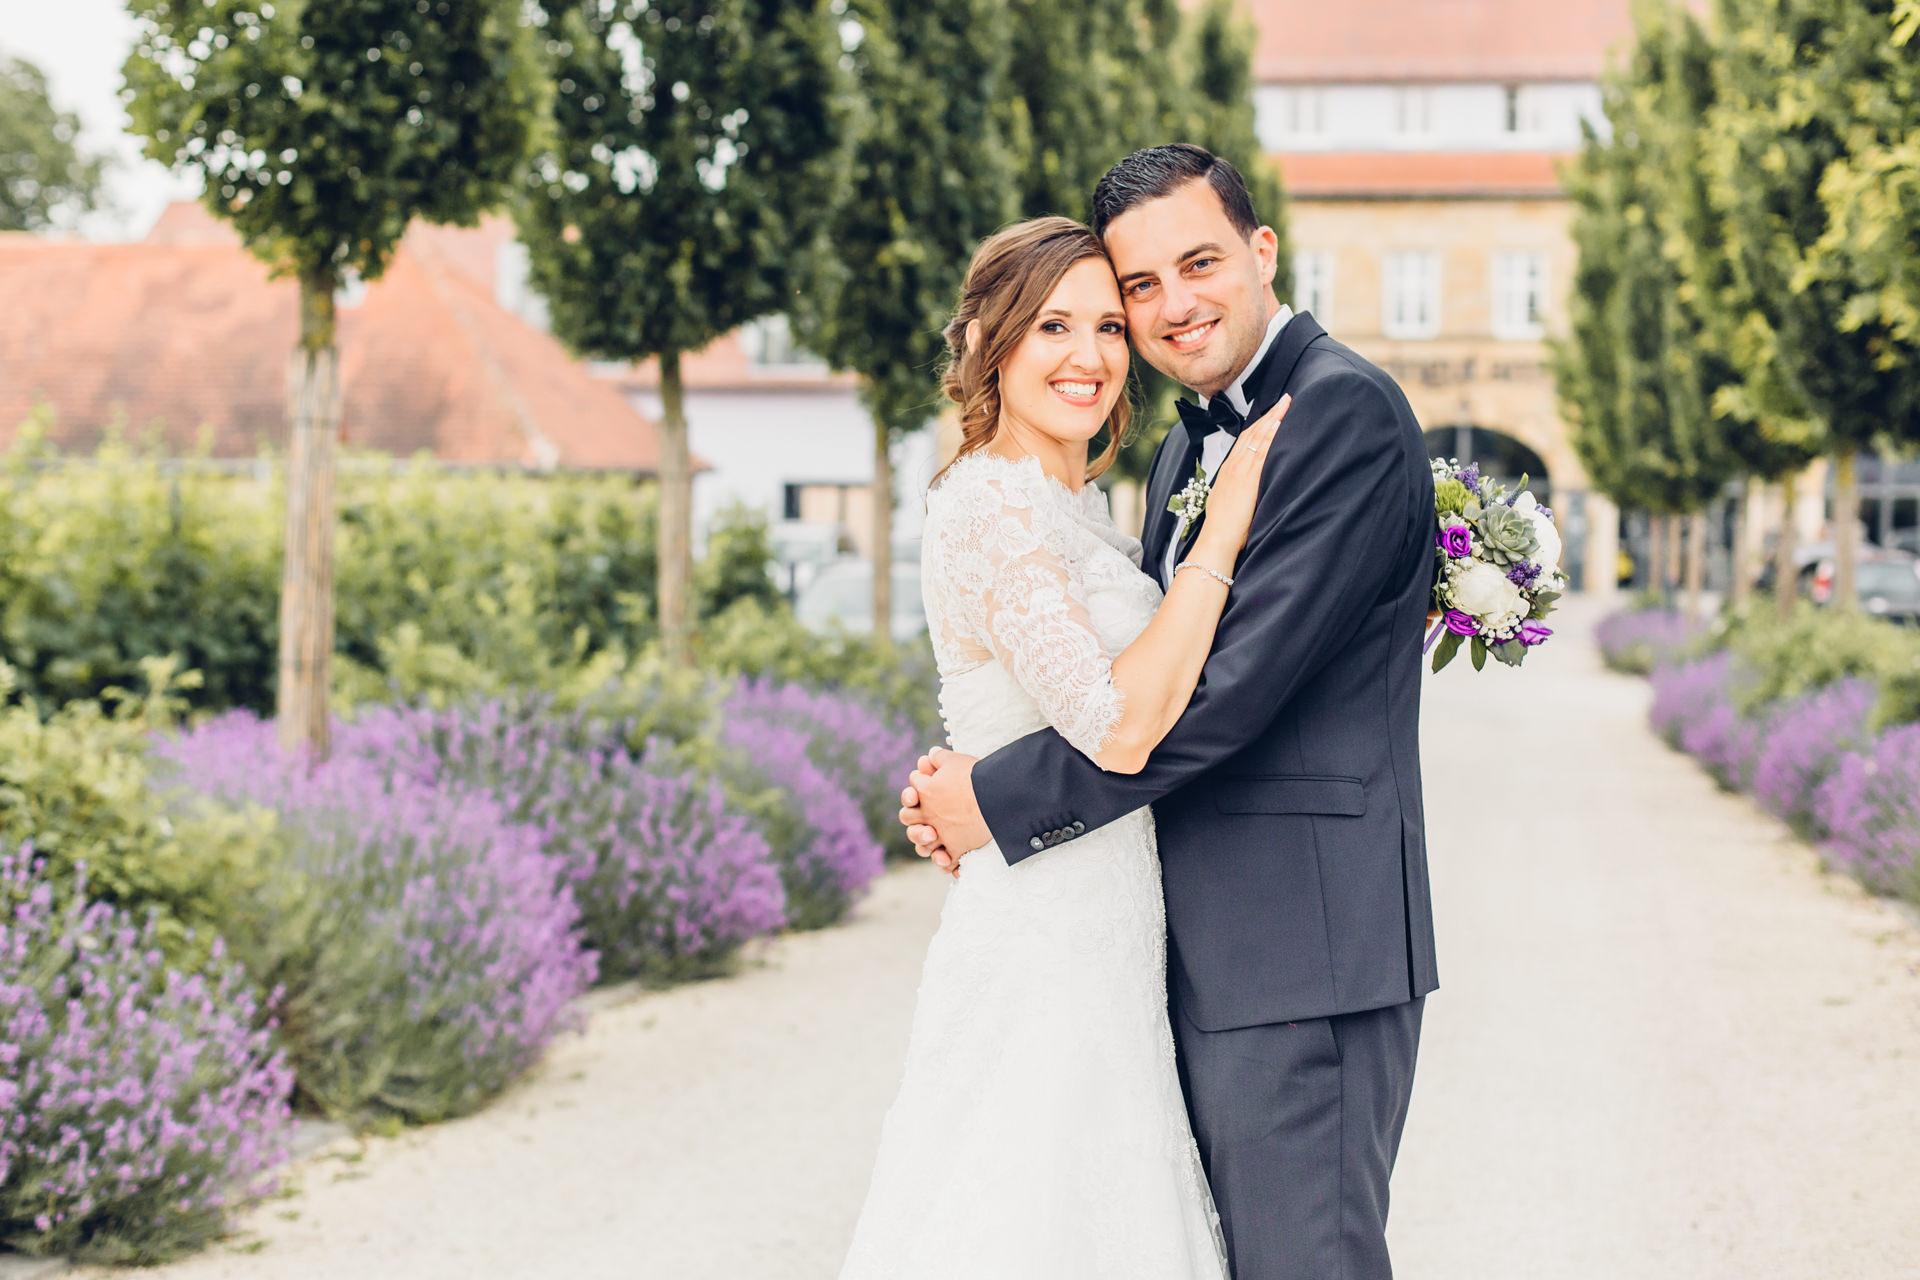 Heiraten im Weingut am Nil in Kallstadt inmitten von Lavendel